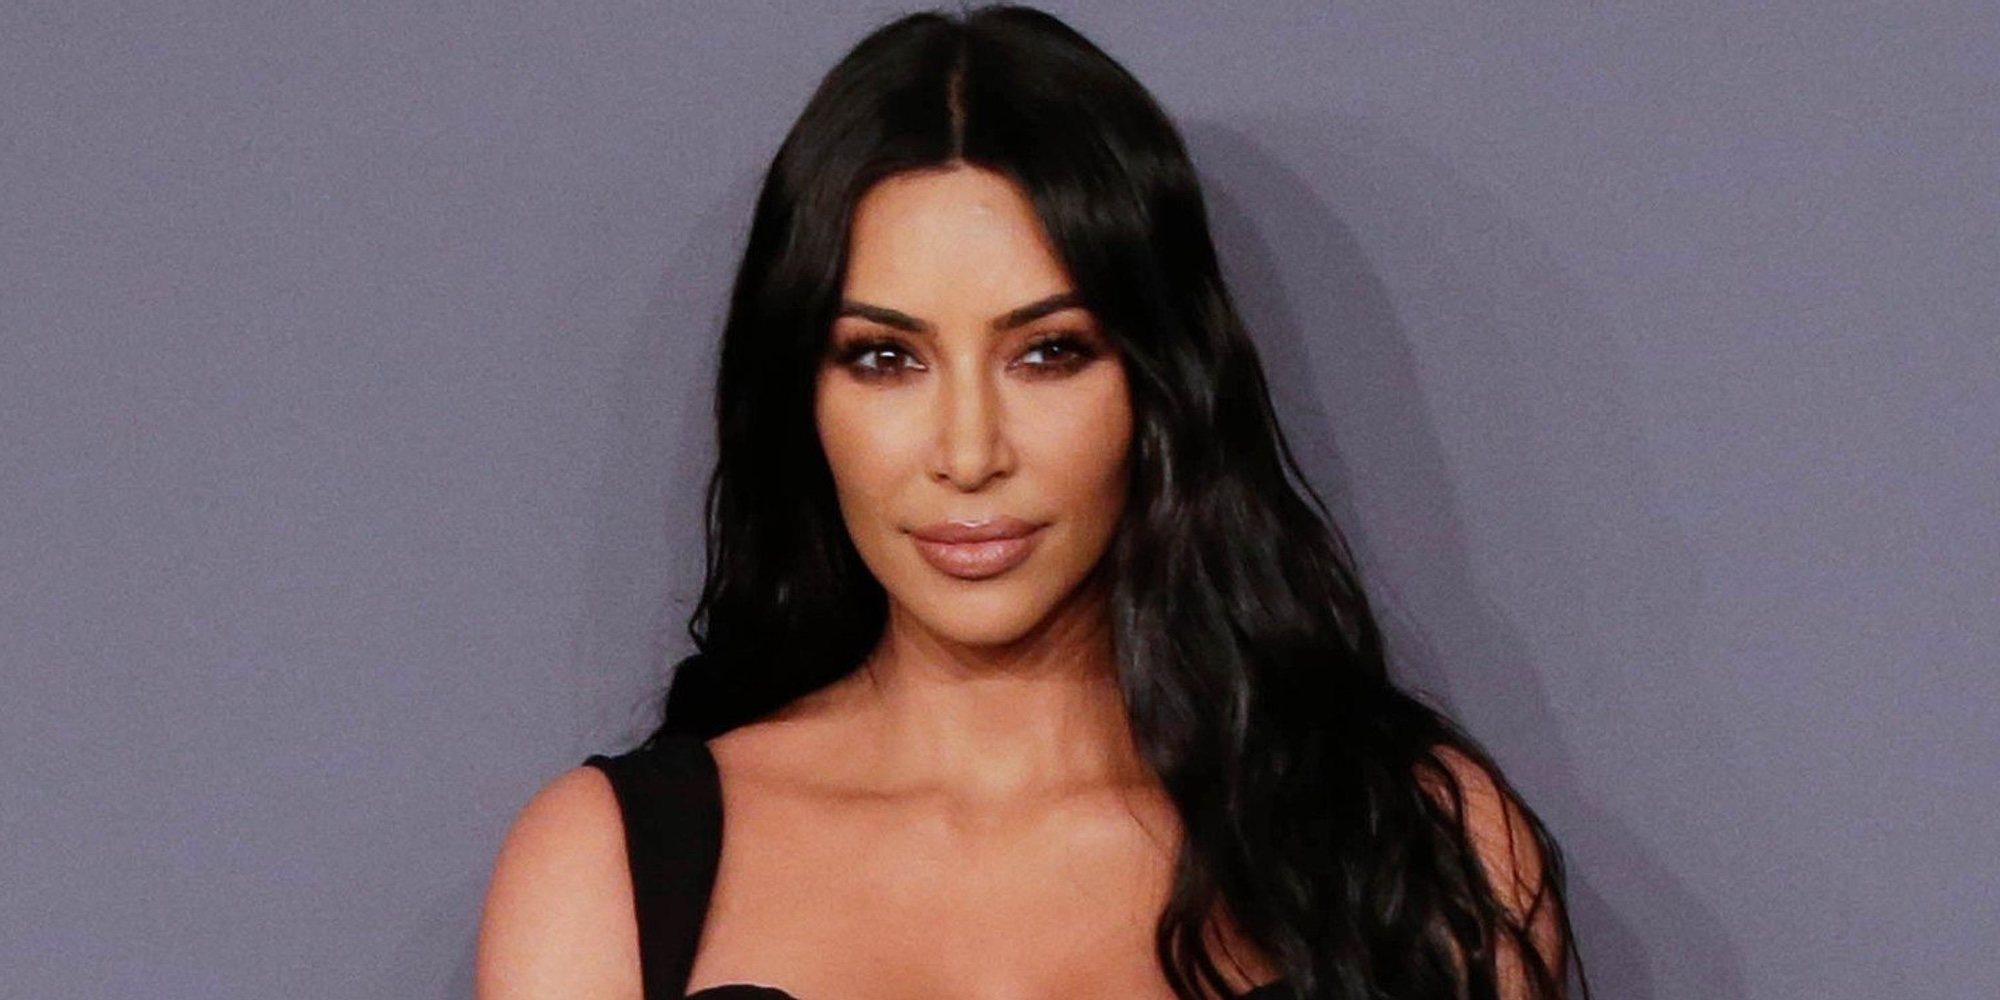 Las Kardashian vuelven a liarla con el Photoshop y ahora Kim Kardashian tiene 6 dedos en un pie